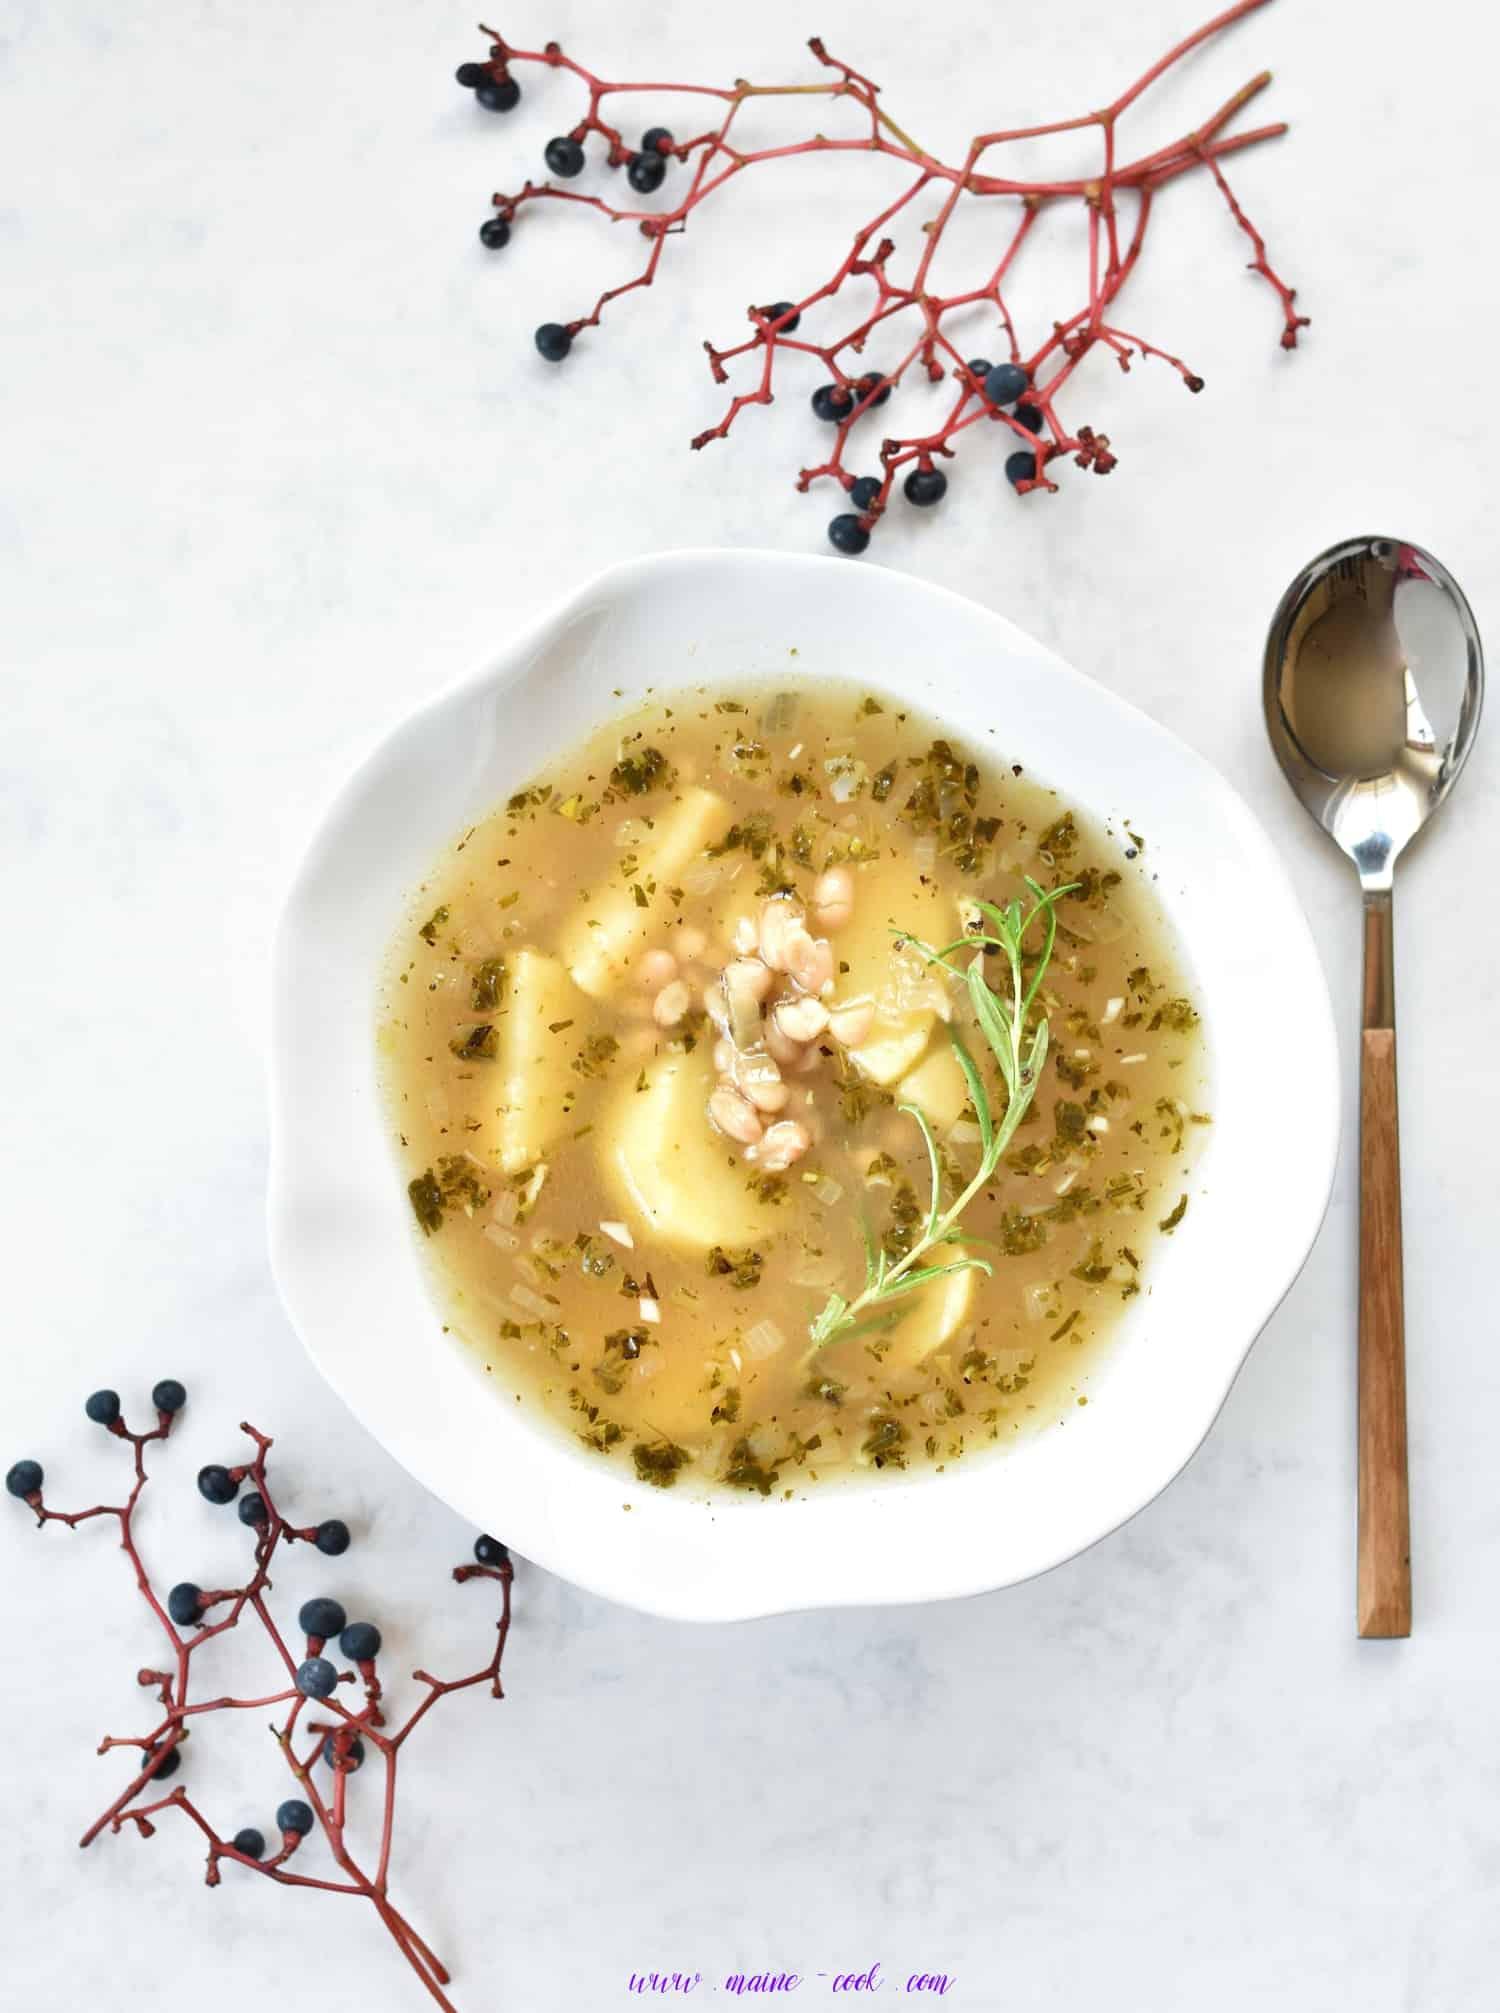 zupa z fasolą, ziemniakami, czosnkiem i rozmarynem white bean ,potato, garlic and rosemary soup Weiße Bohnen Suppe mit Kartoffeln knoblauch und rosmarin